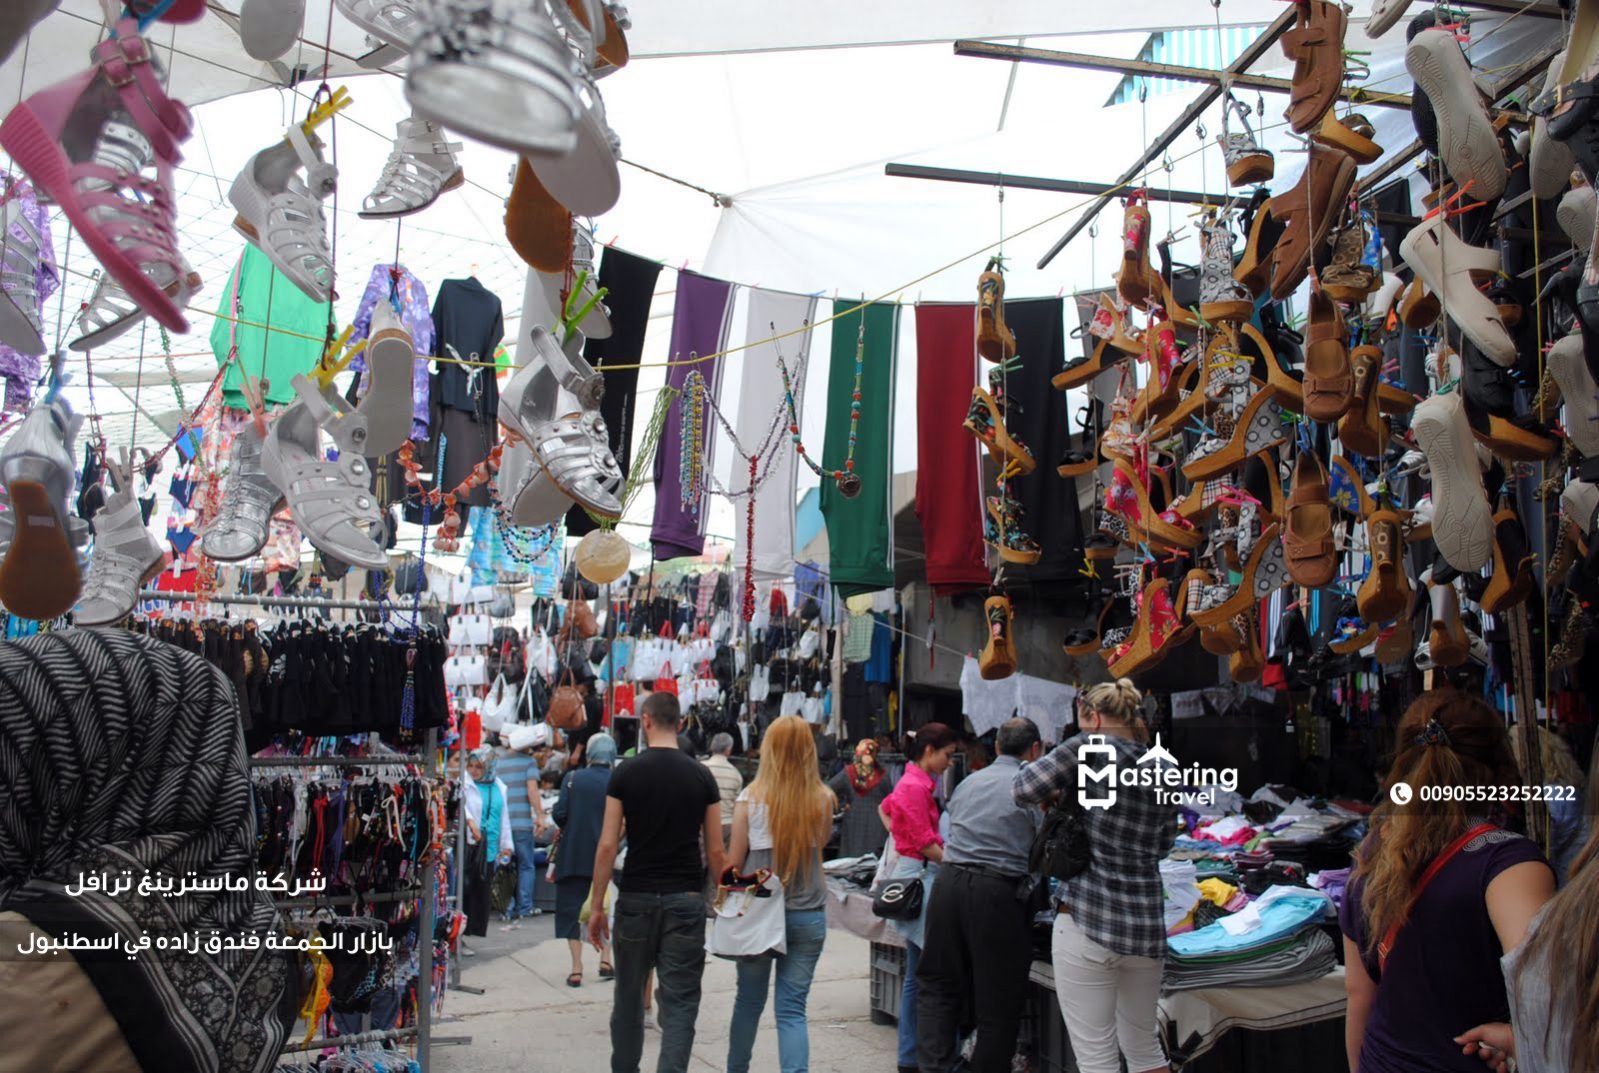 بازار الجمعة فندق زاده في اسطنبول 1